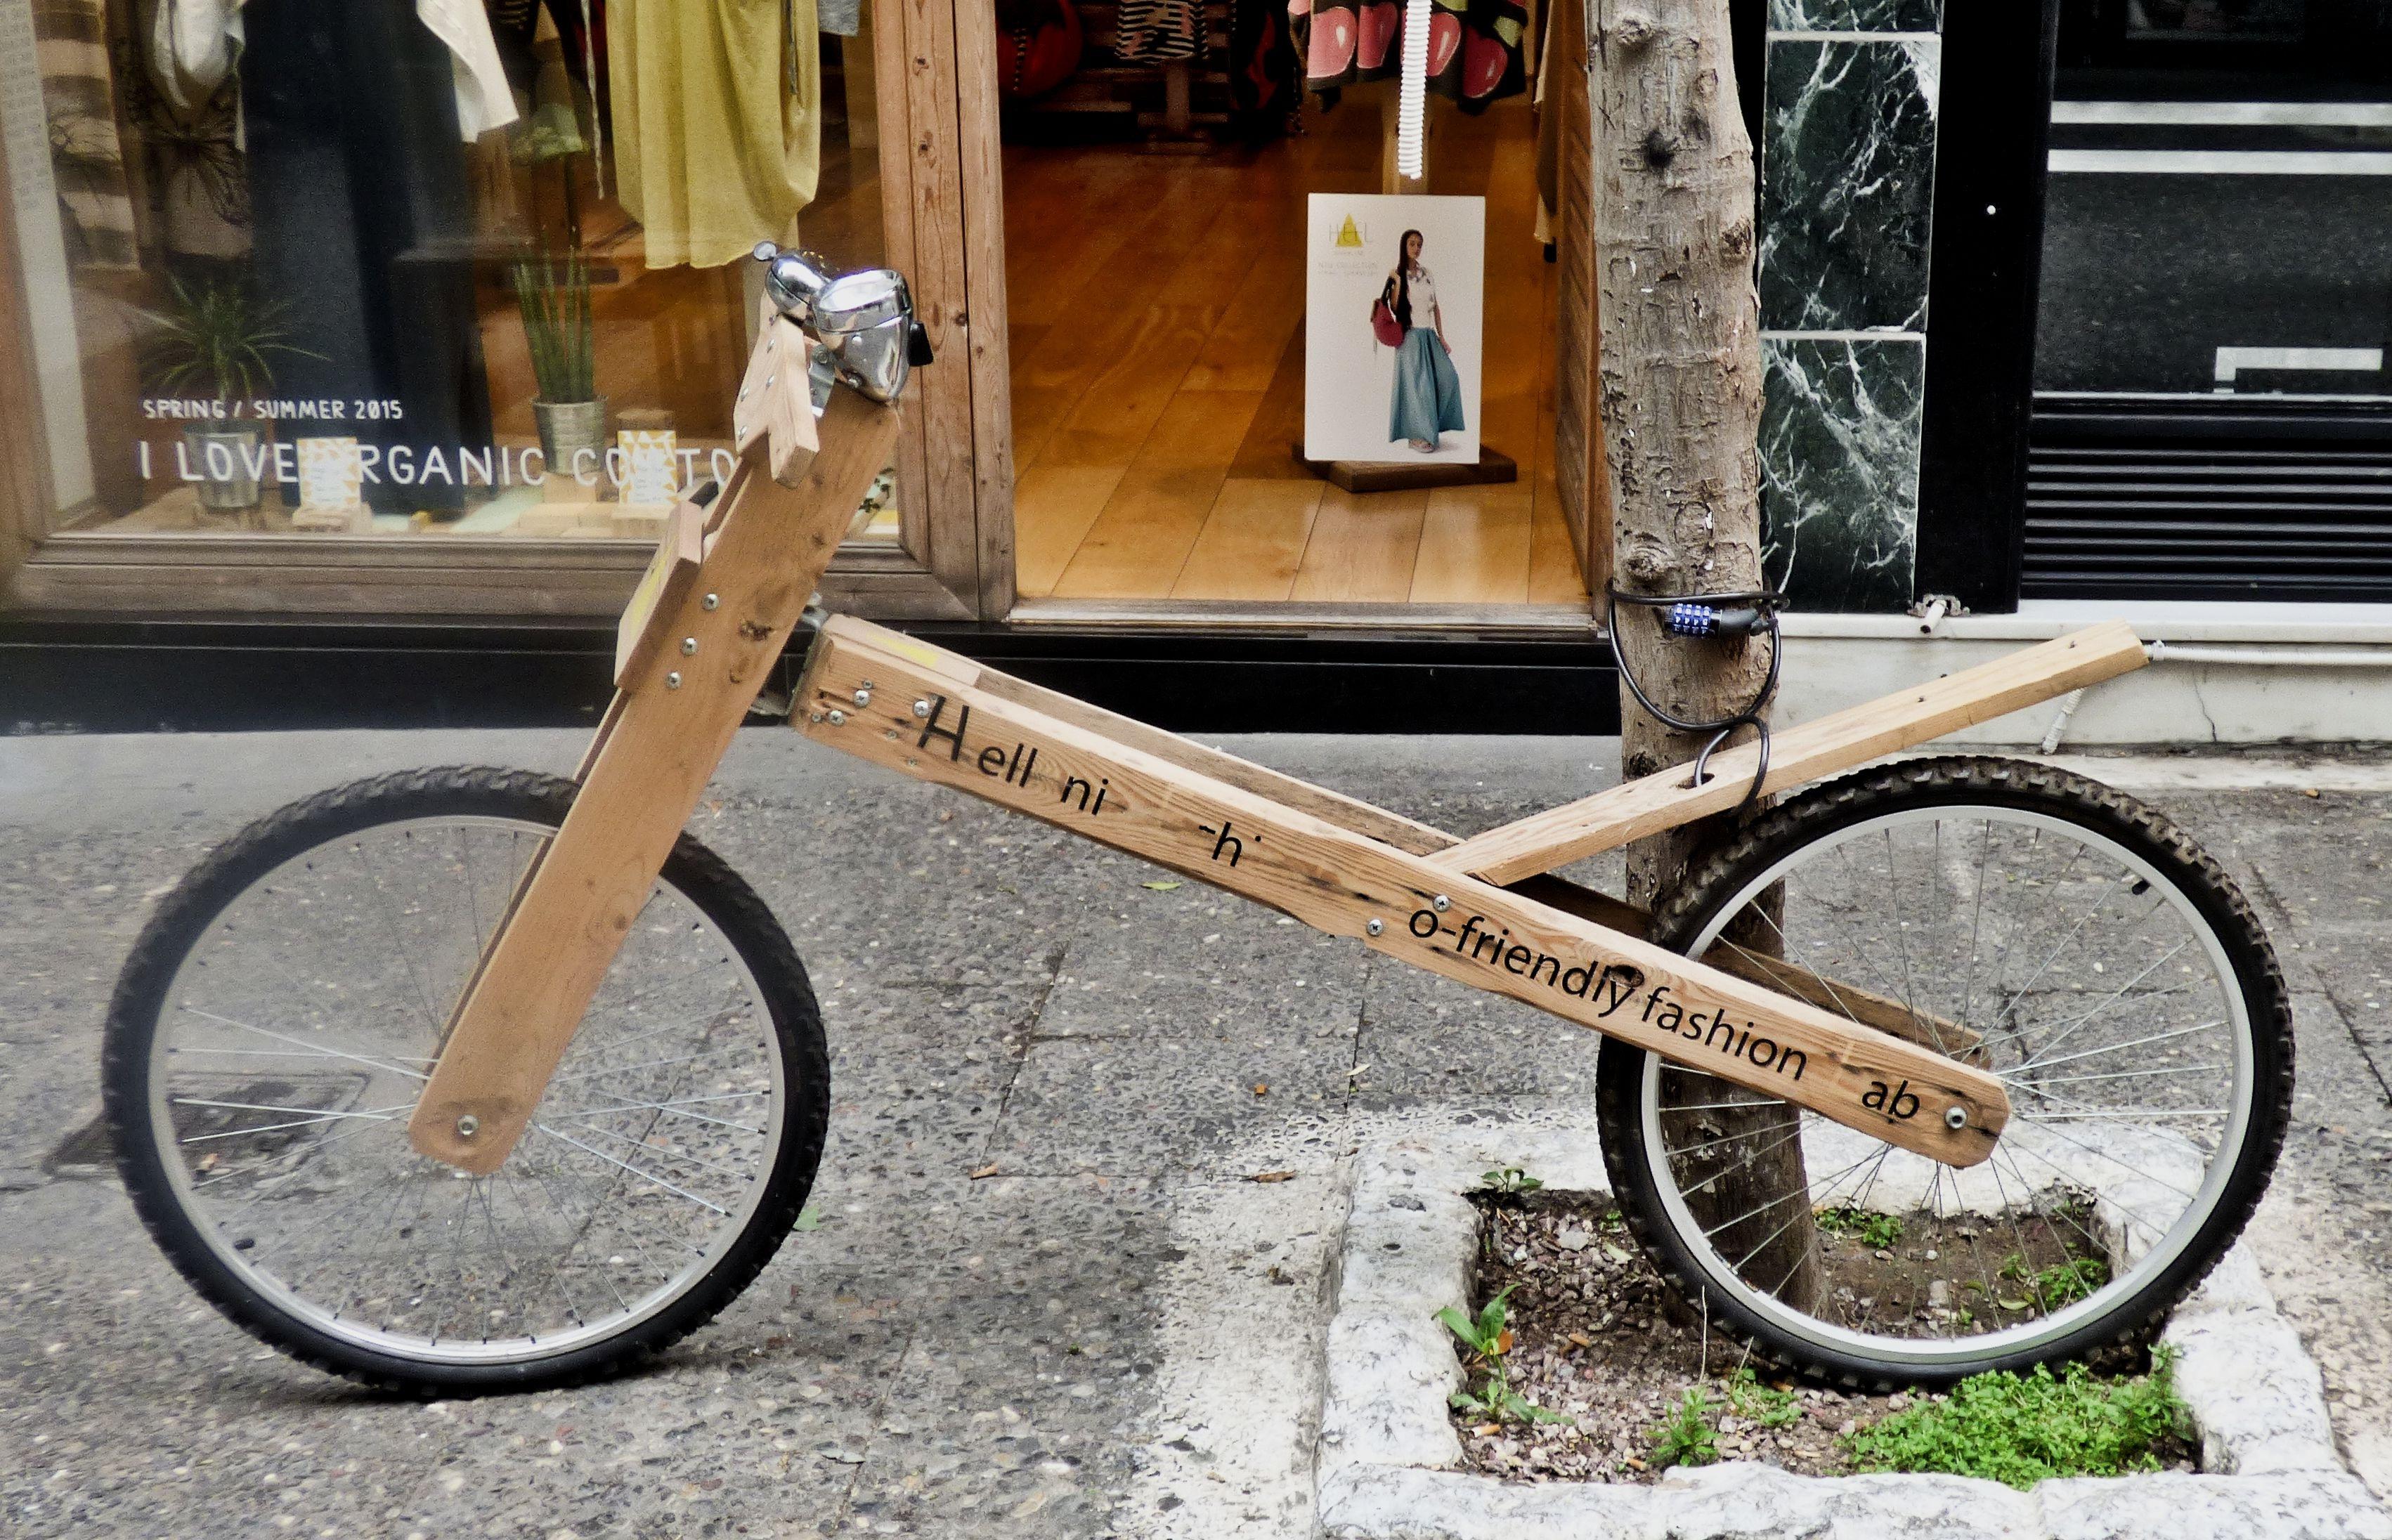 Kostenlose foto : Holz, Jahrgang, Rad, Retro, Stadt, Reise ...